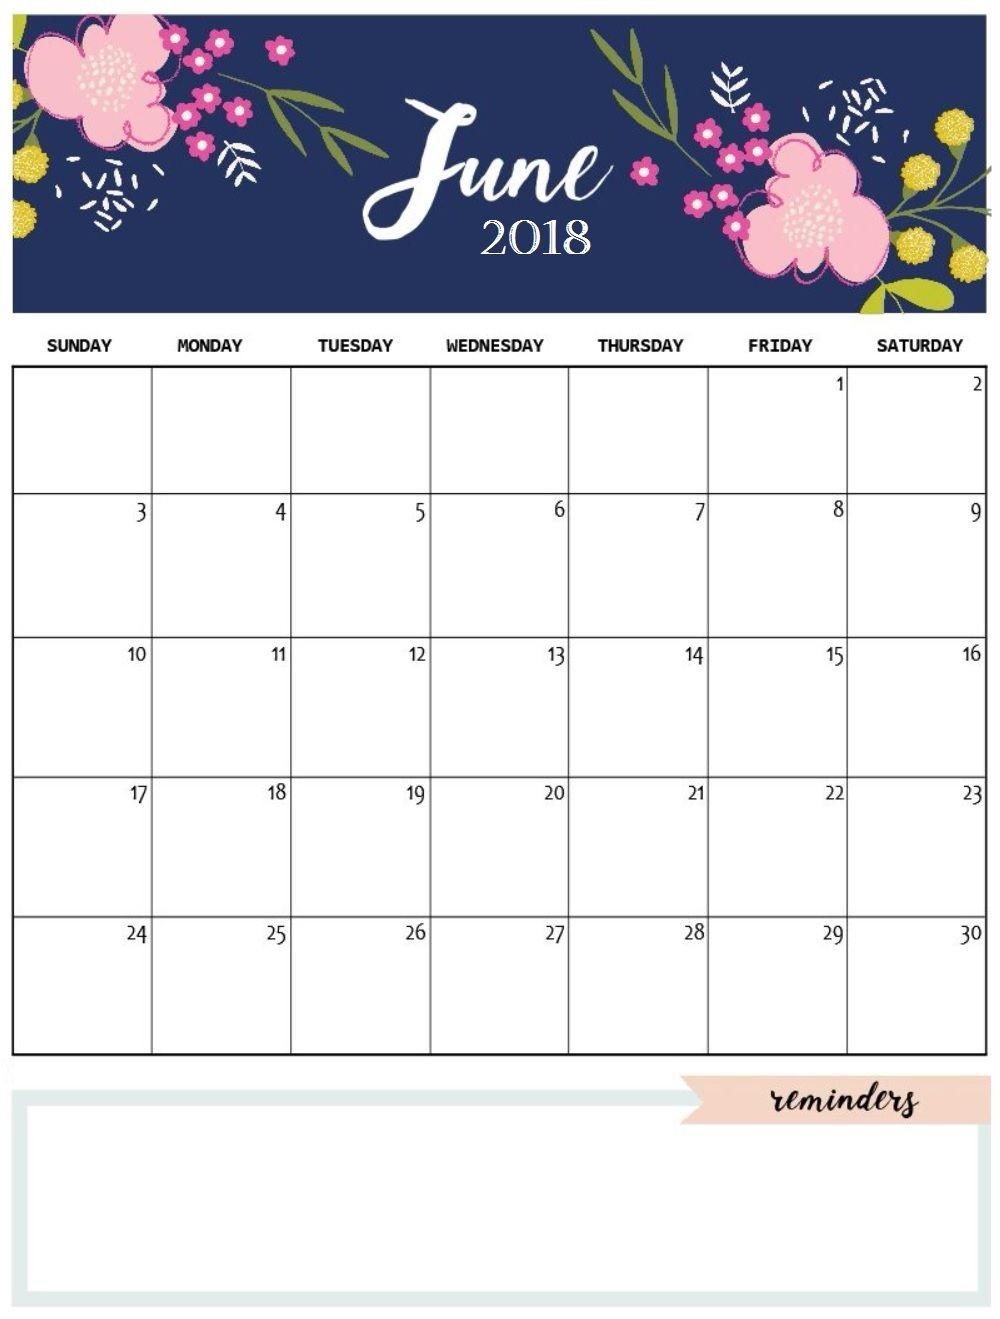 June 2018 Calendar Cute